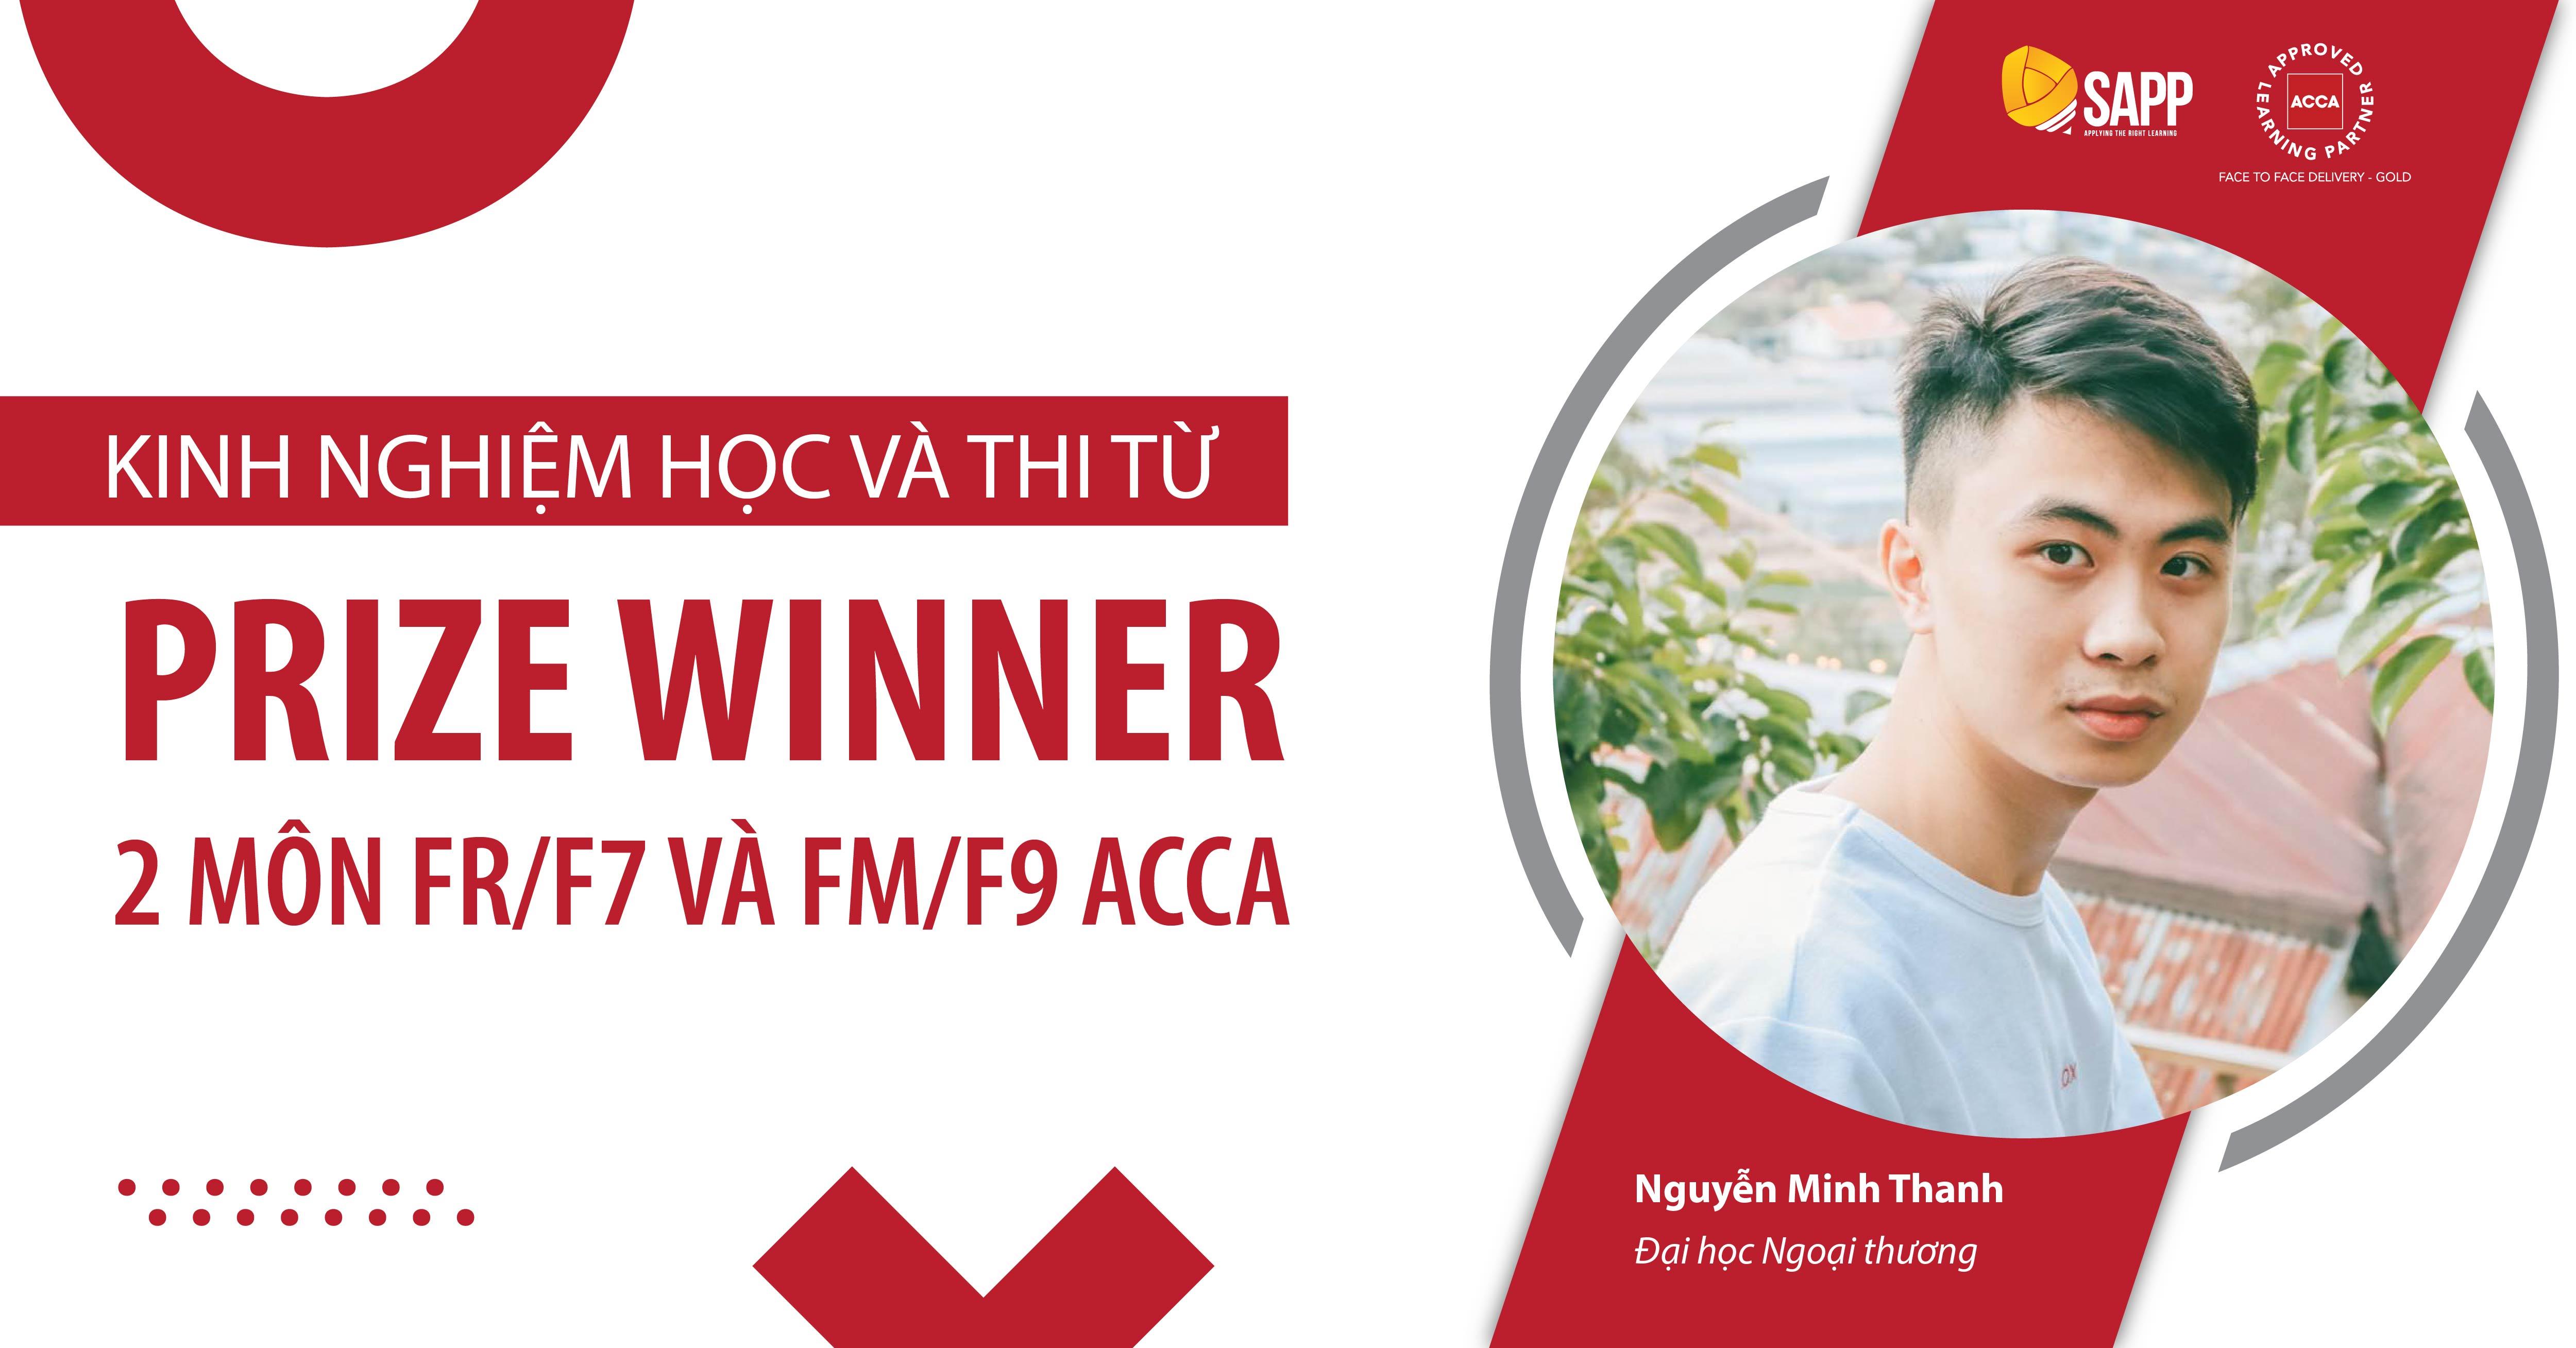 Kinh nghiệm học và thi từ Prize Winner FR/F7 và FM/F9 ACCA Nguyễn Minh Thanh